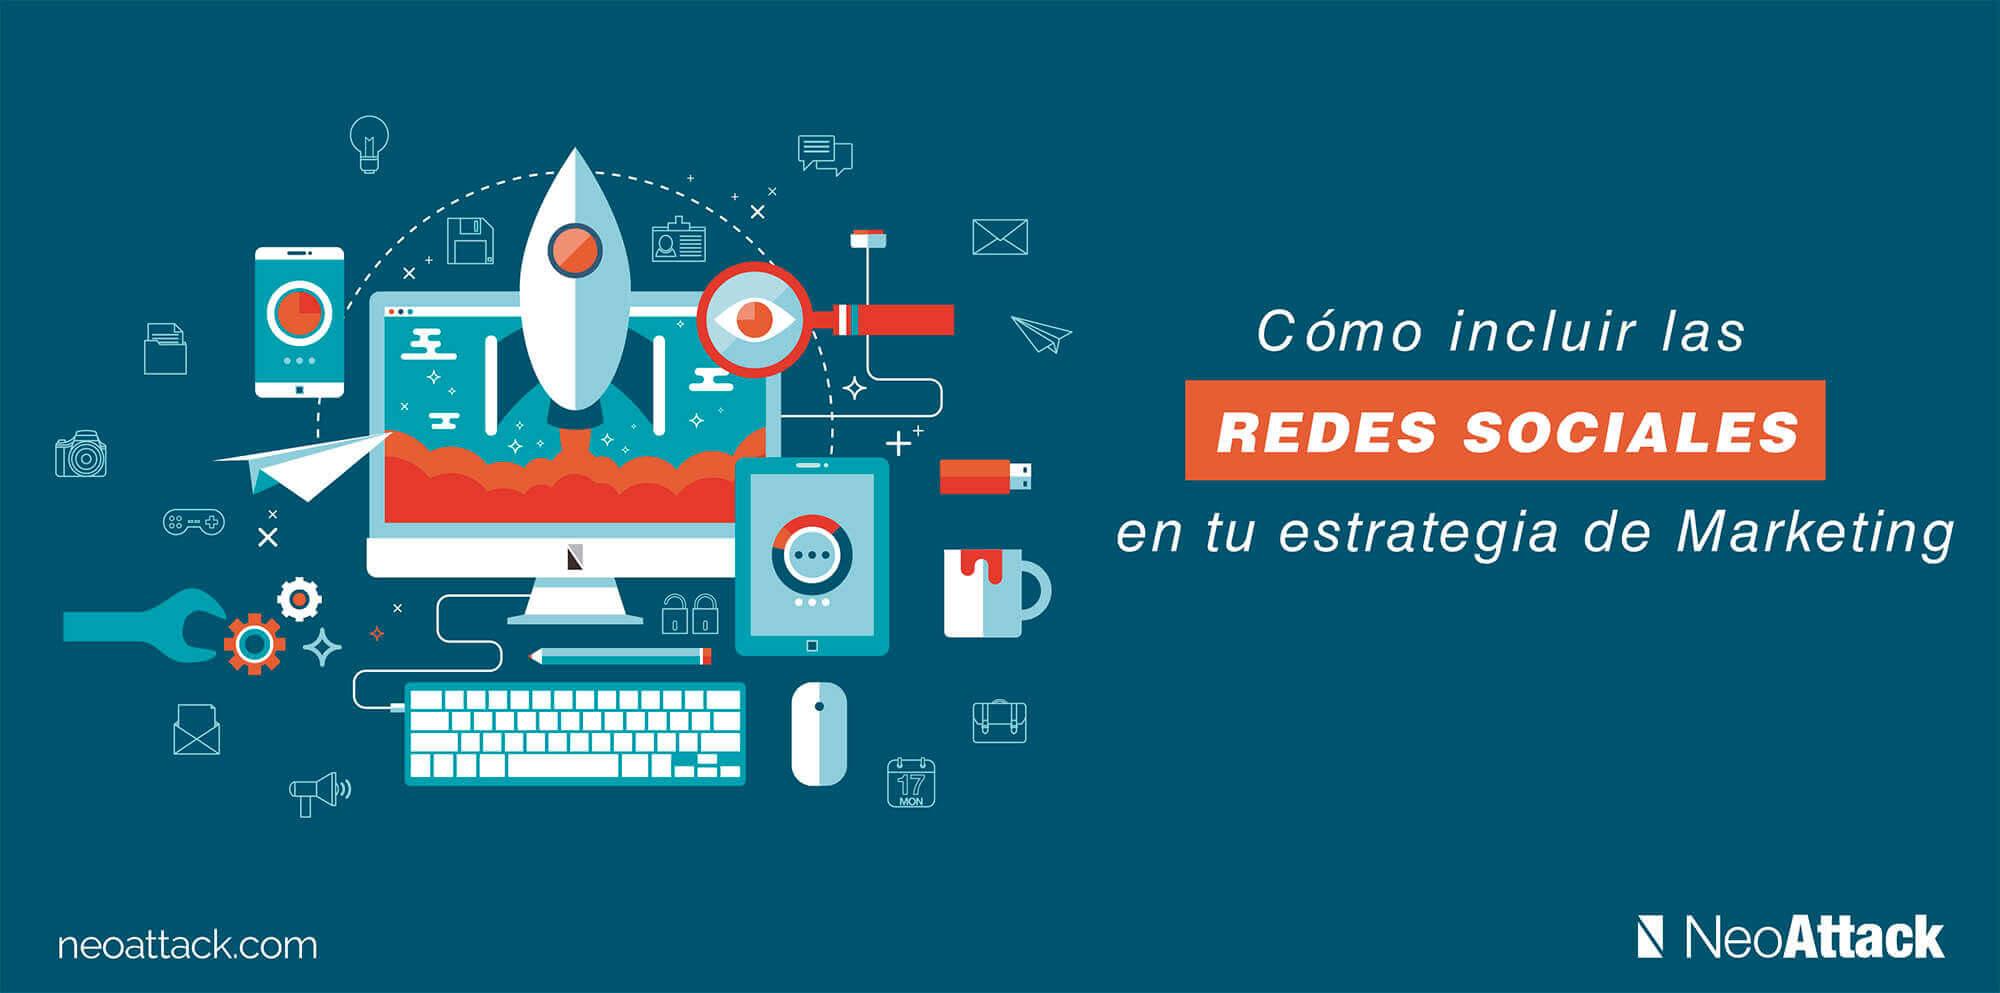 Cómo incluir las Redes Sociales en una Estrategia de Marketing?